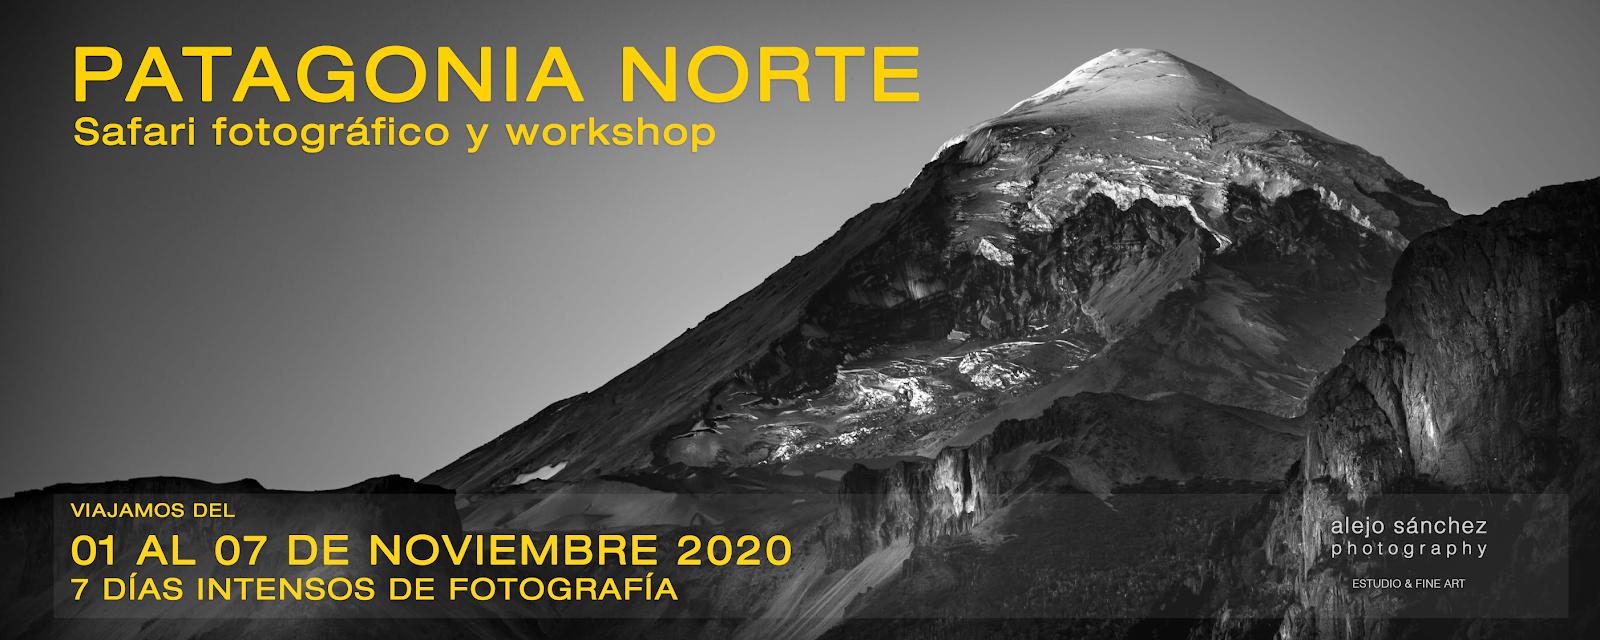 Travel Patagonia Norte por Alejo Sáchez Fotografia